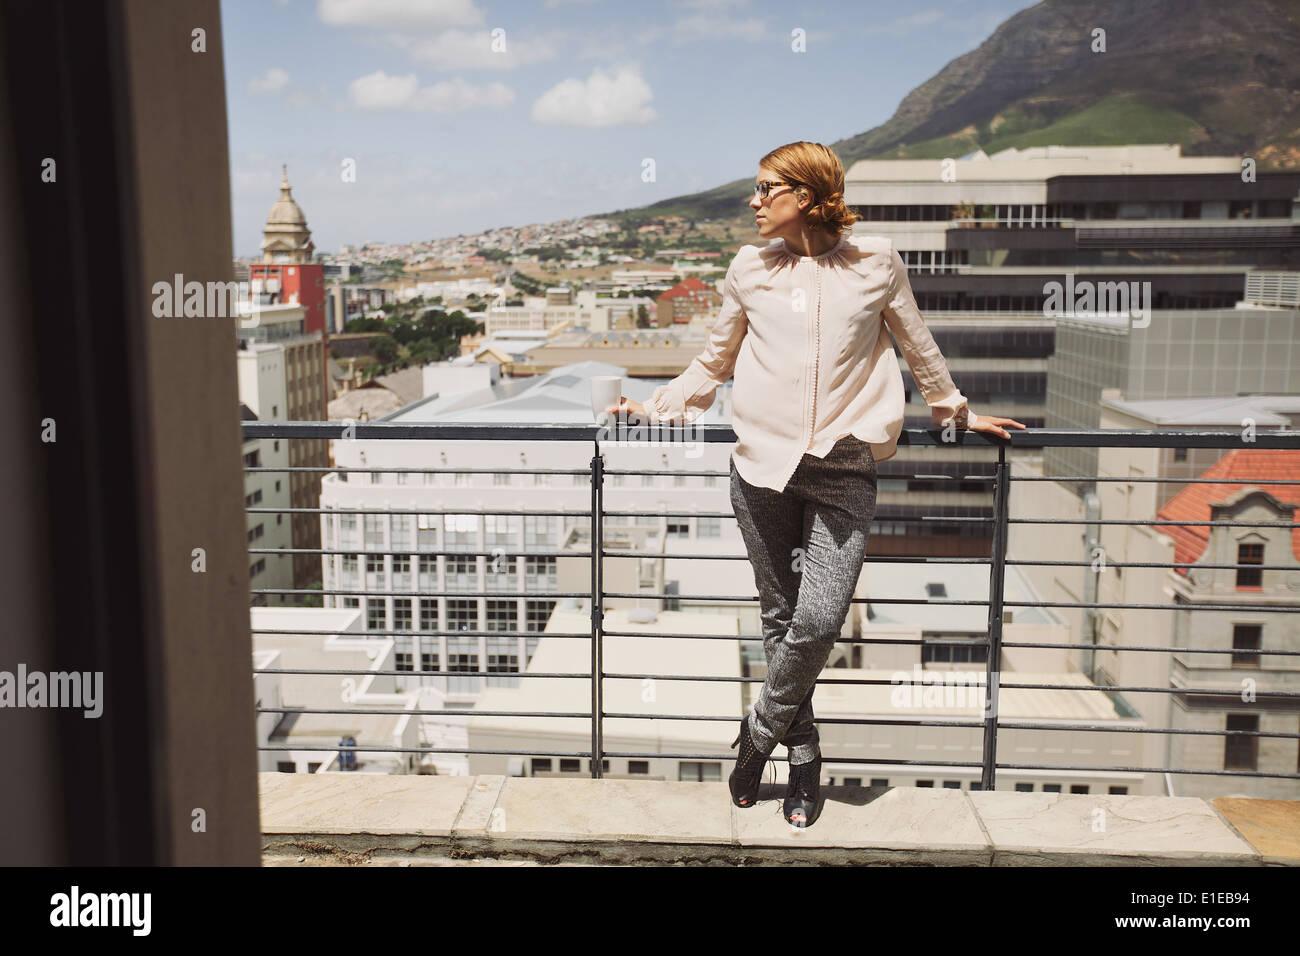 Bella giovane donna in piedi su un balcone che guarda lontano con una tazza di caffè. Caucasian modello femminile in posa su di un terrazzo. Immagini Stock